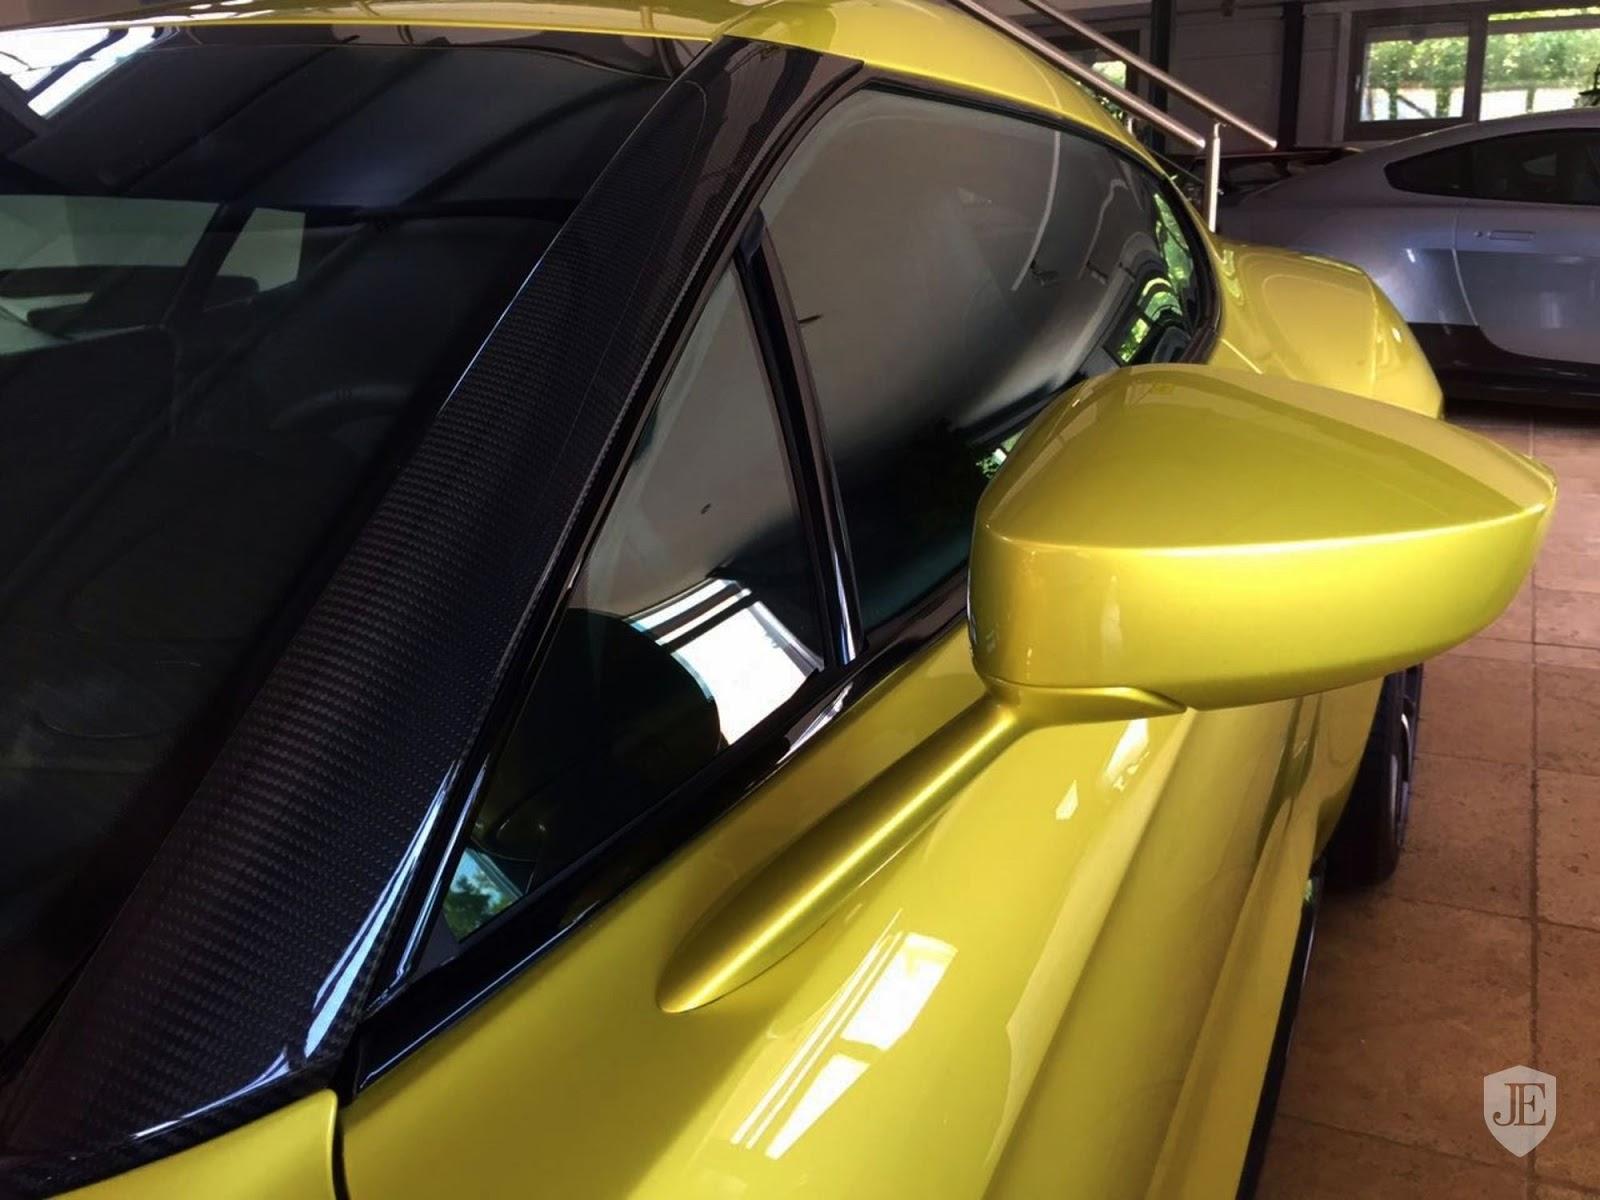 Aston Martin Vanquish Zagato yellow (16)